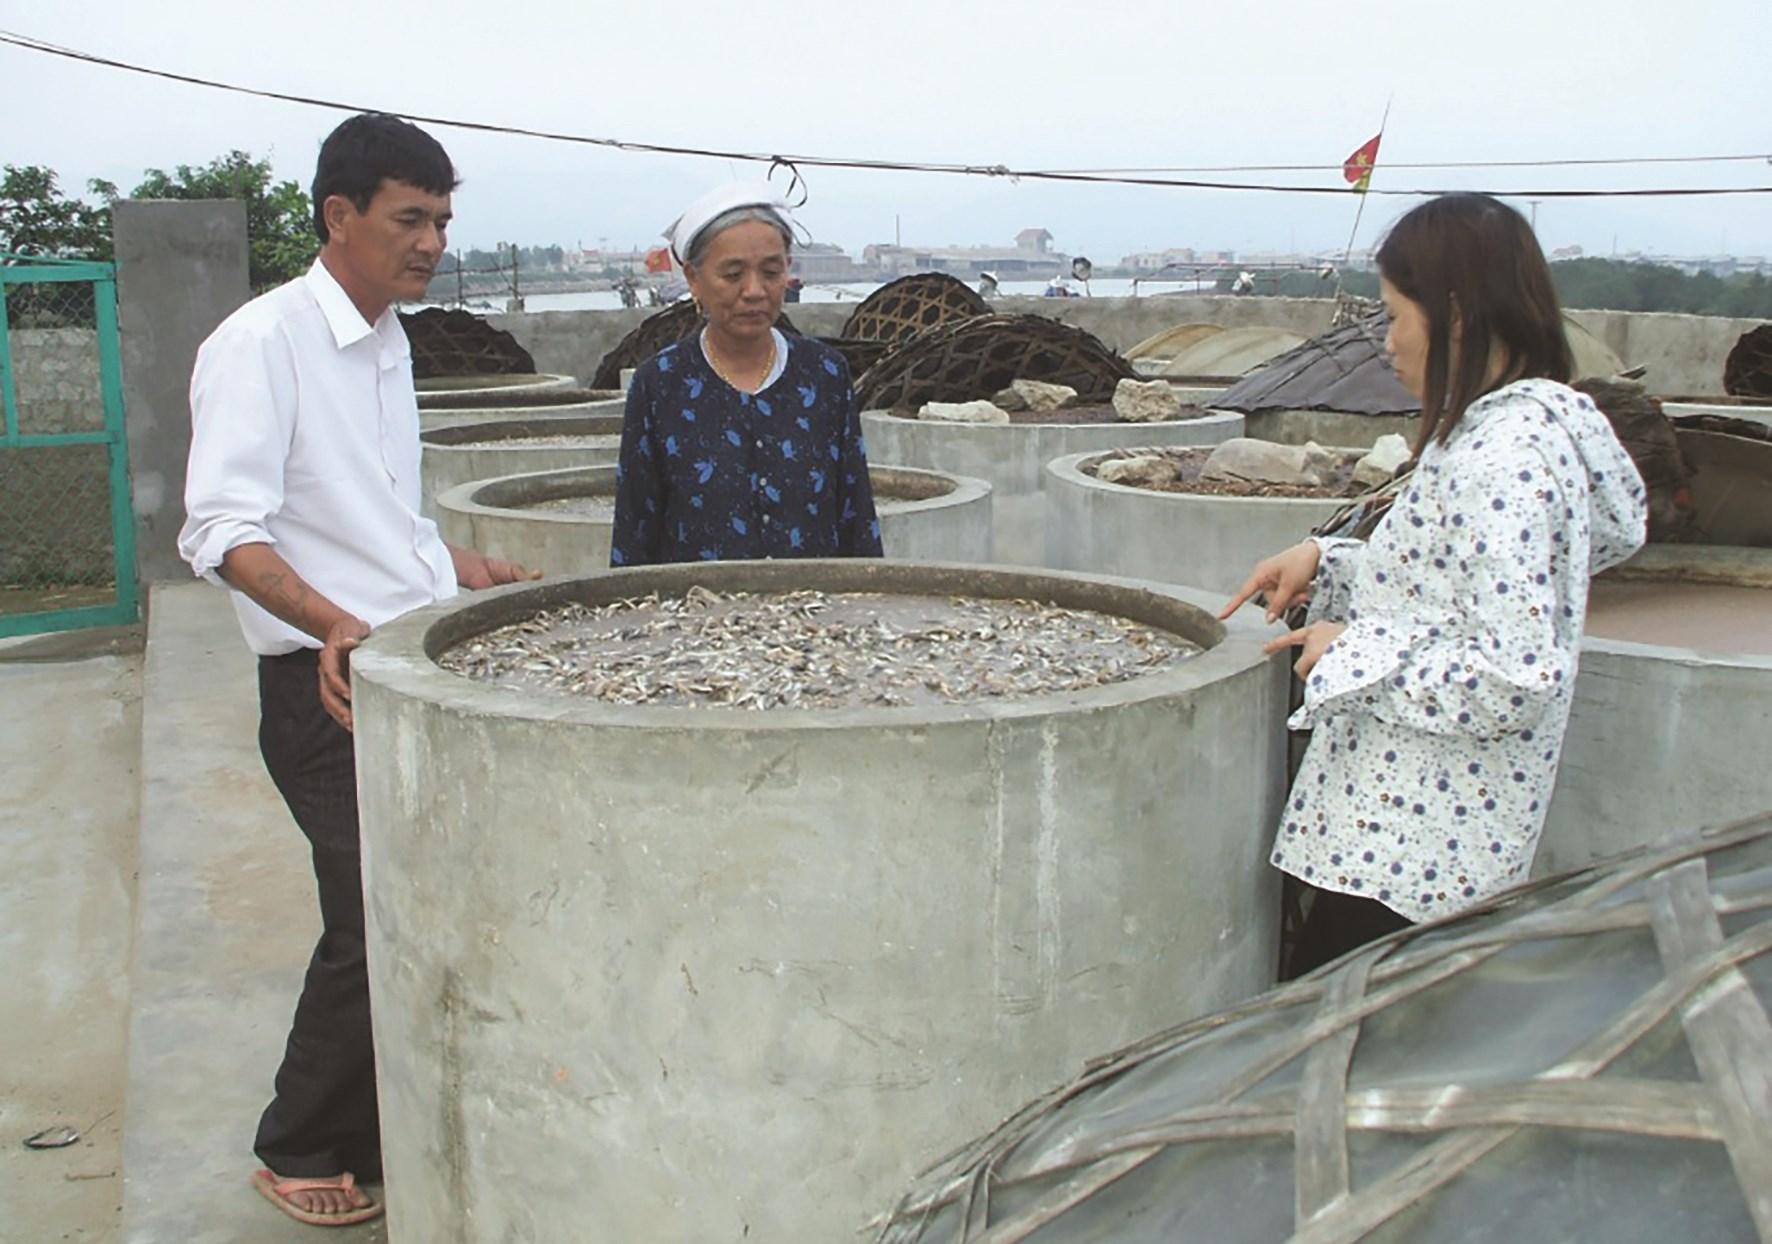 Để làm ra các sản phẩm nước mắm, người dân phải sử dụng tới vài chục khối nước để rửa cá nhiều lần, gây ra ô nhiễm môi trường nghiêm trọng